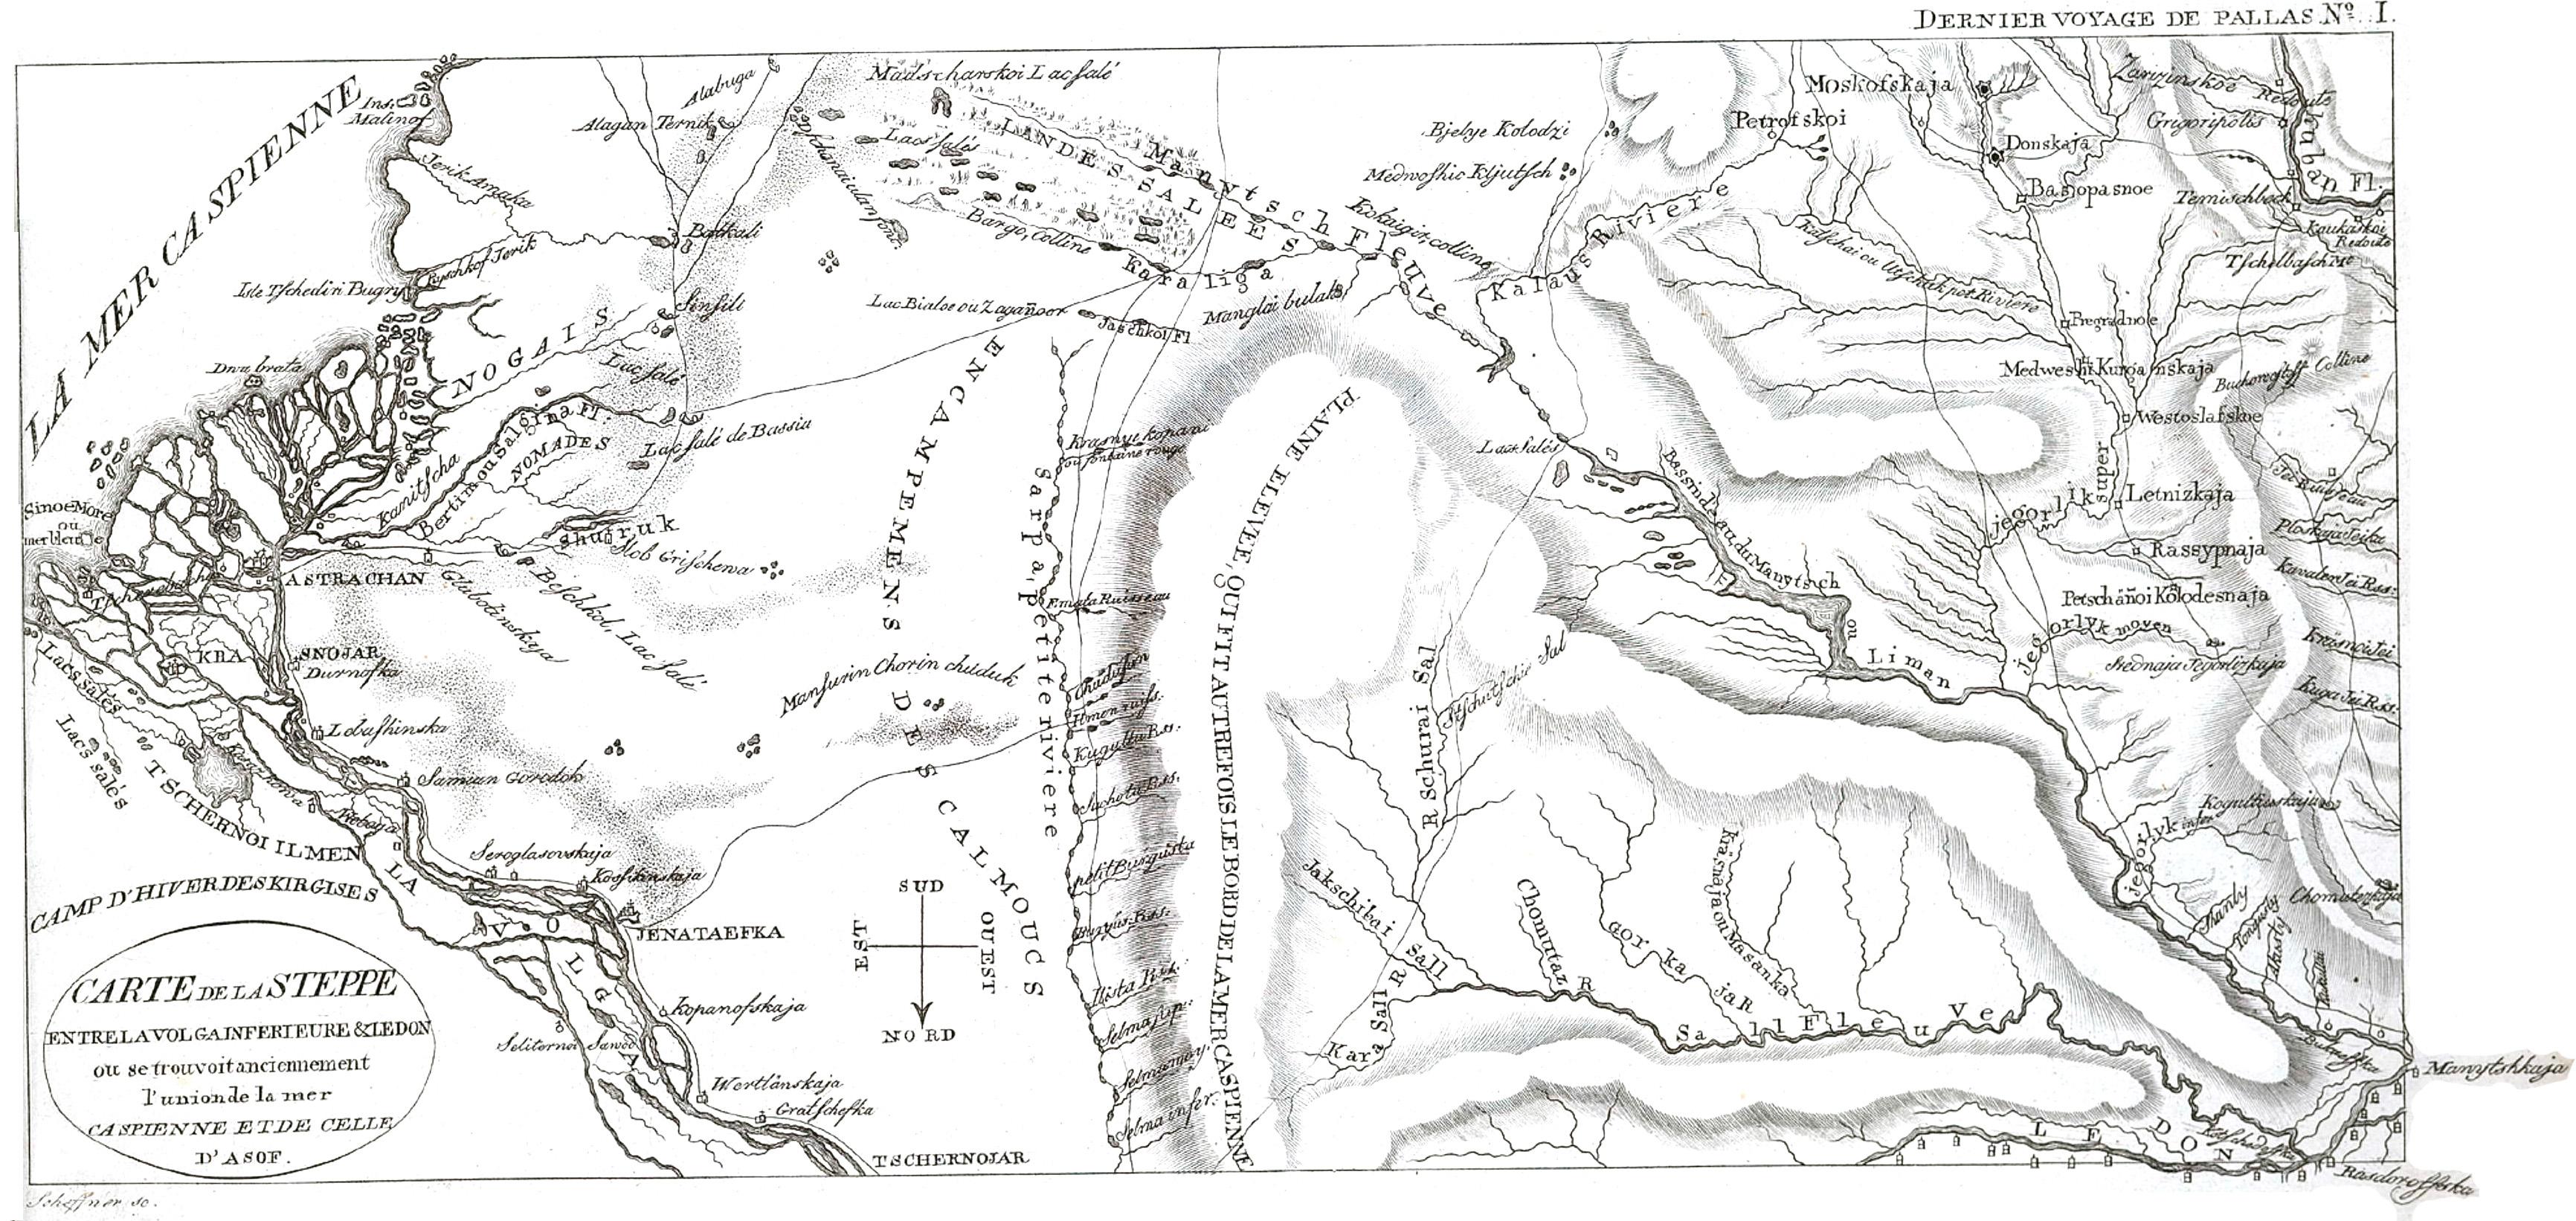 Паллас, П.С. Наблюдения, сделанные во время путешествия по южным наместничествам Русского государства в 1793 и 1794 годах.